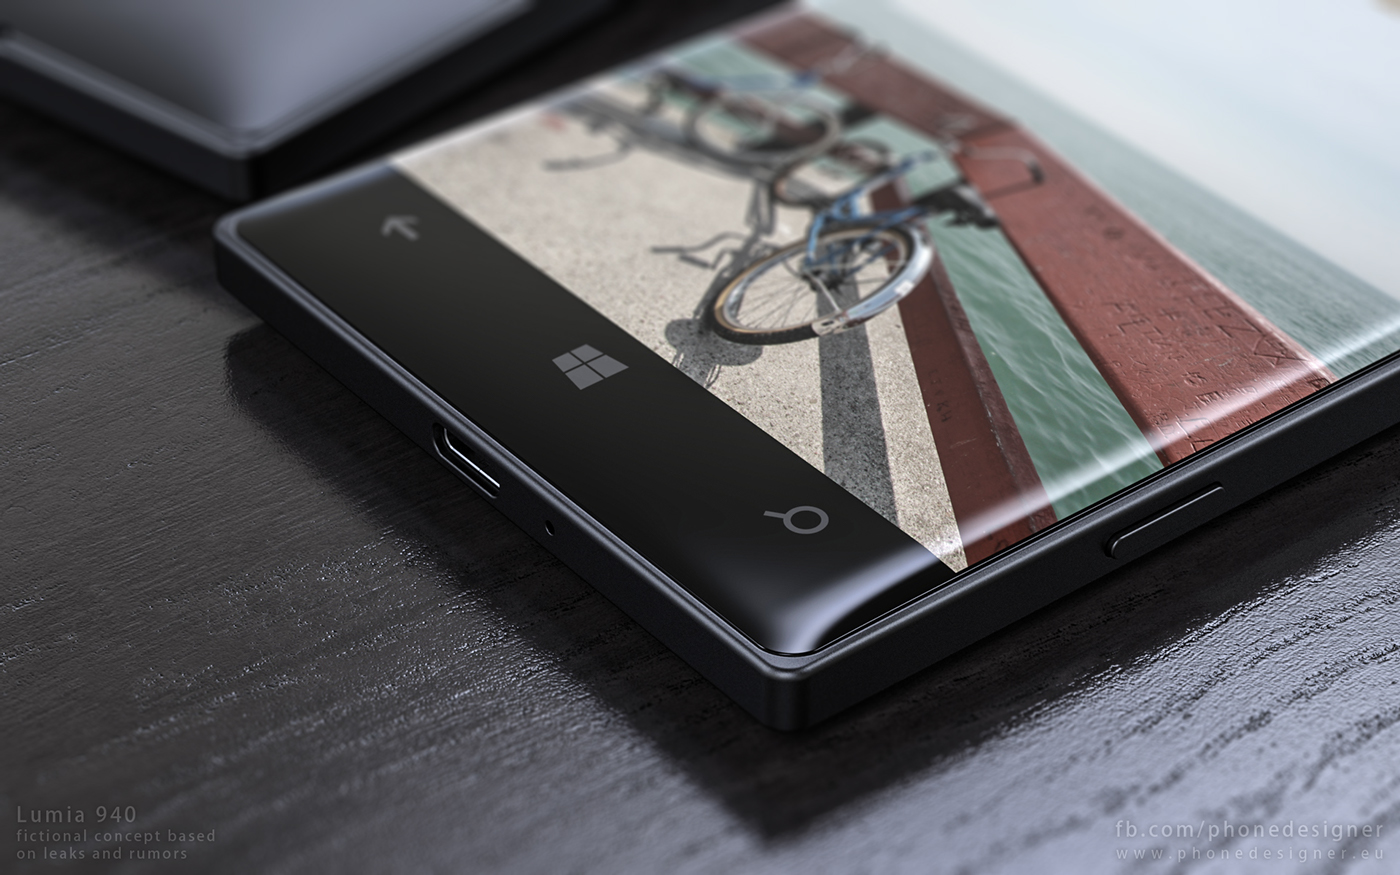 Lumia 940 Concept 15